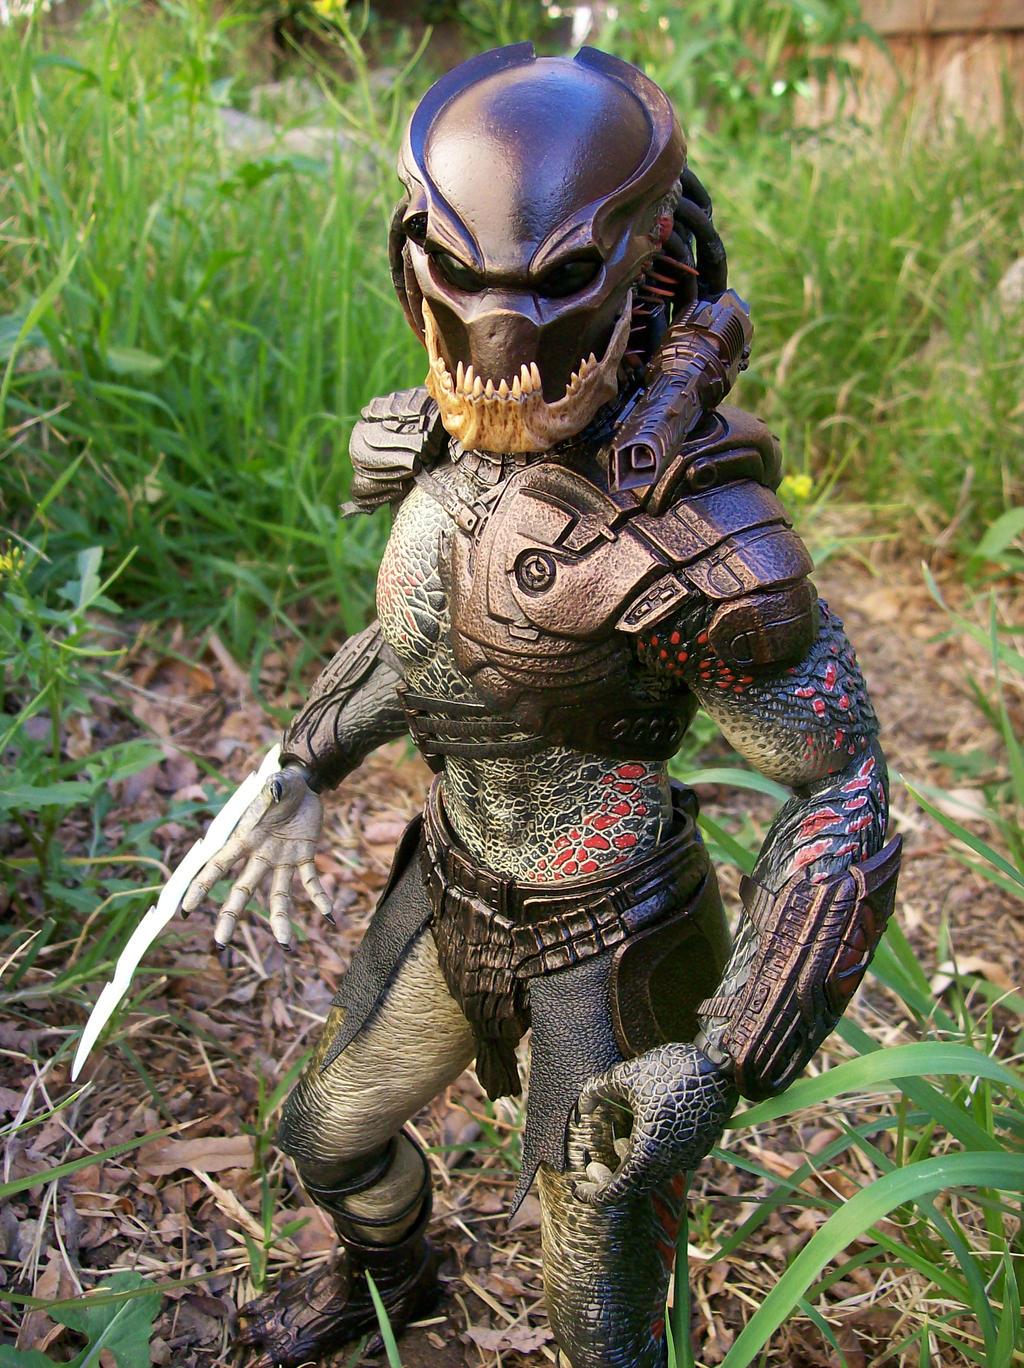 hot toys berserker predator by shadowpredator2012 on